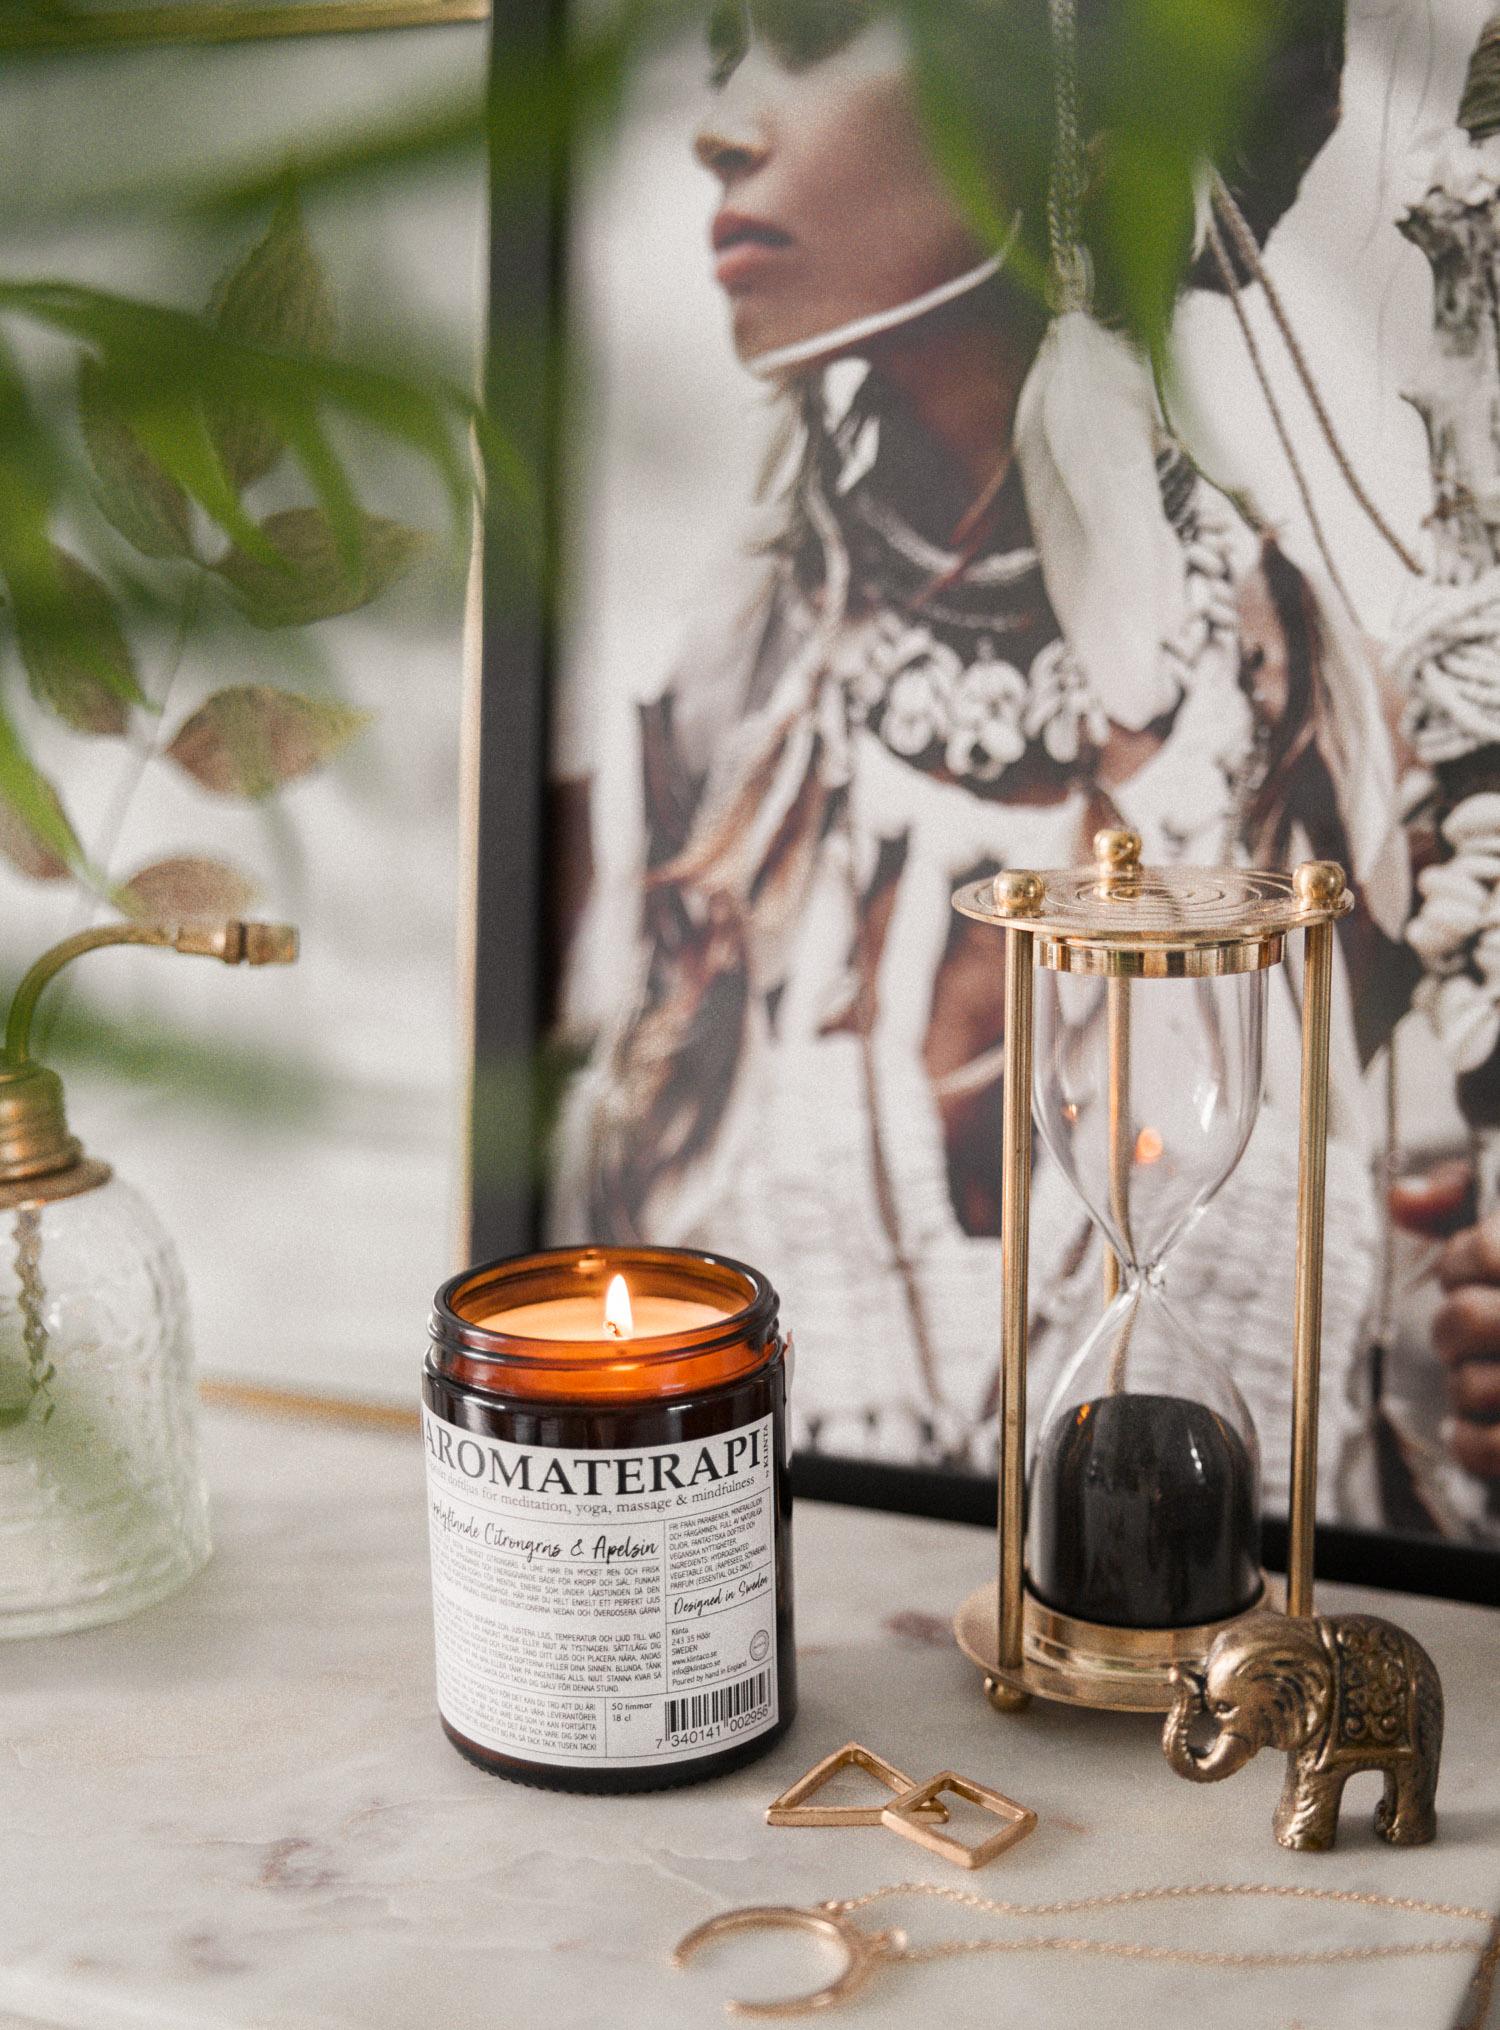 Topplista - Bästa doftljusen |Aromaterapi by Klinta Citrongräs & Apelsin